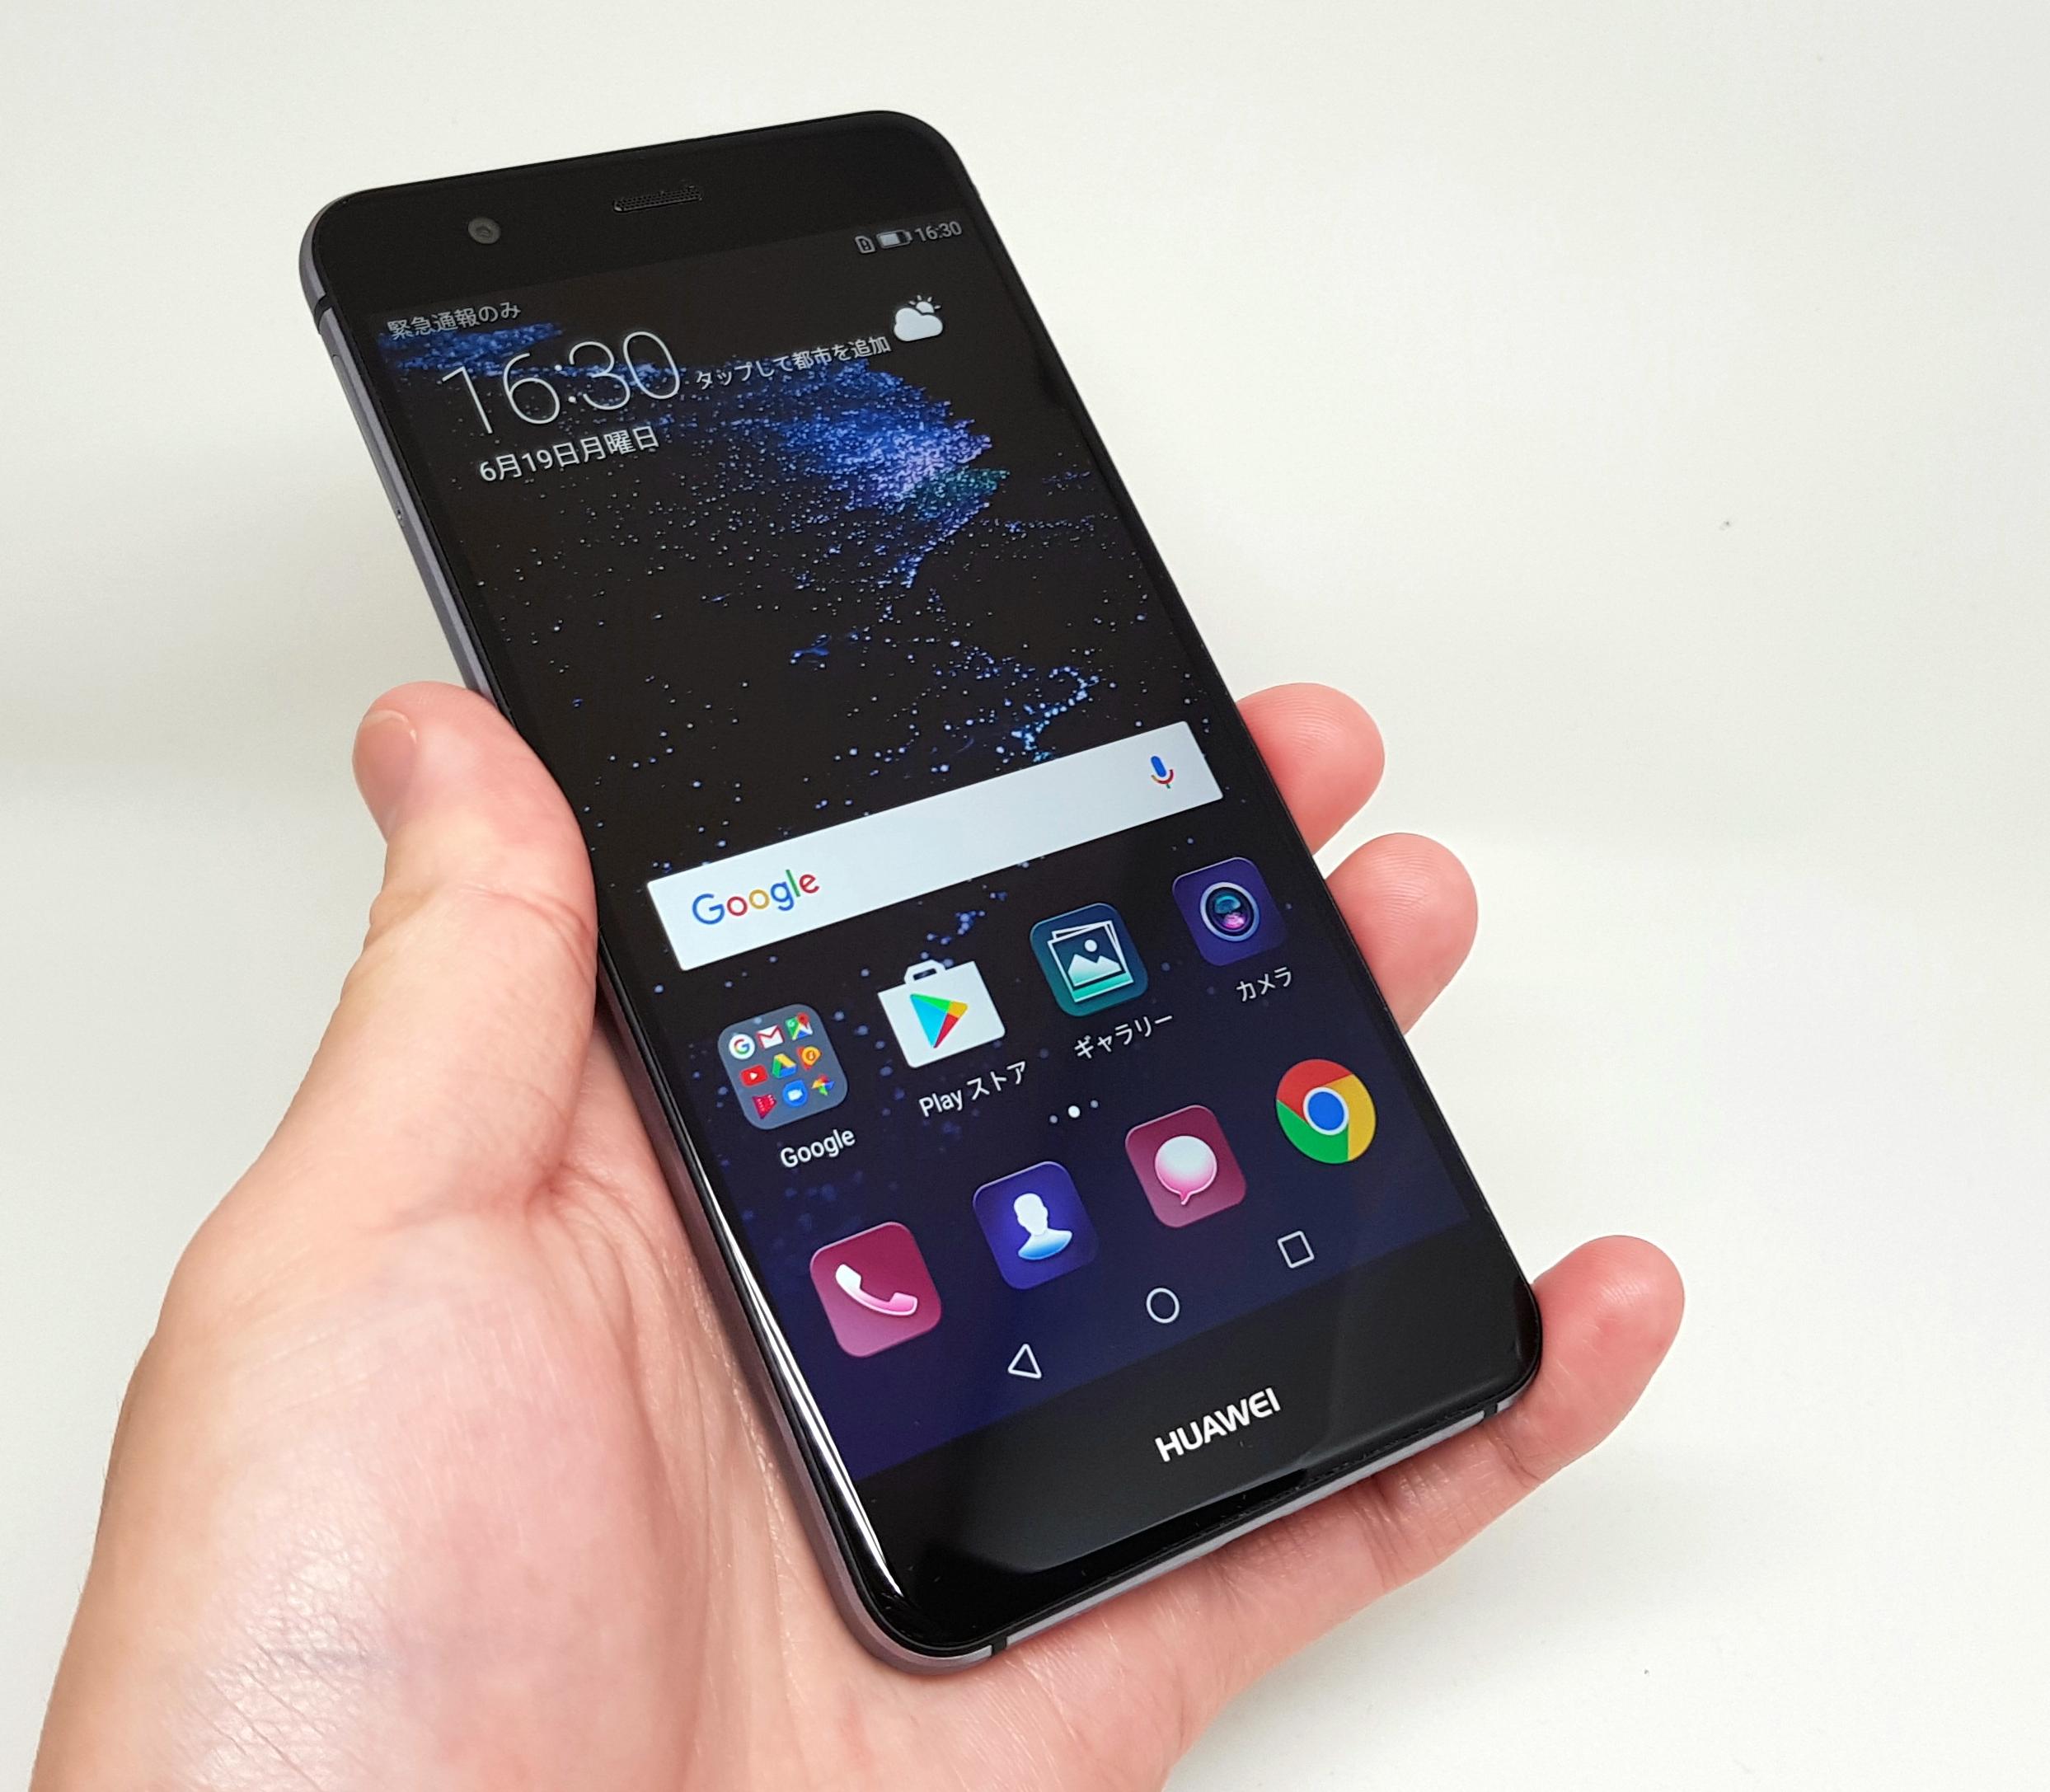 コスパ最強スマホ『Huawei P10 lite』を購入開封レビュー!圧巻のサクサク動作&デザインの美しさは魅力的【写真18枚記載】